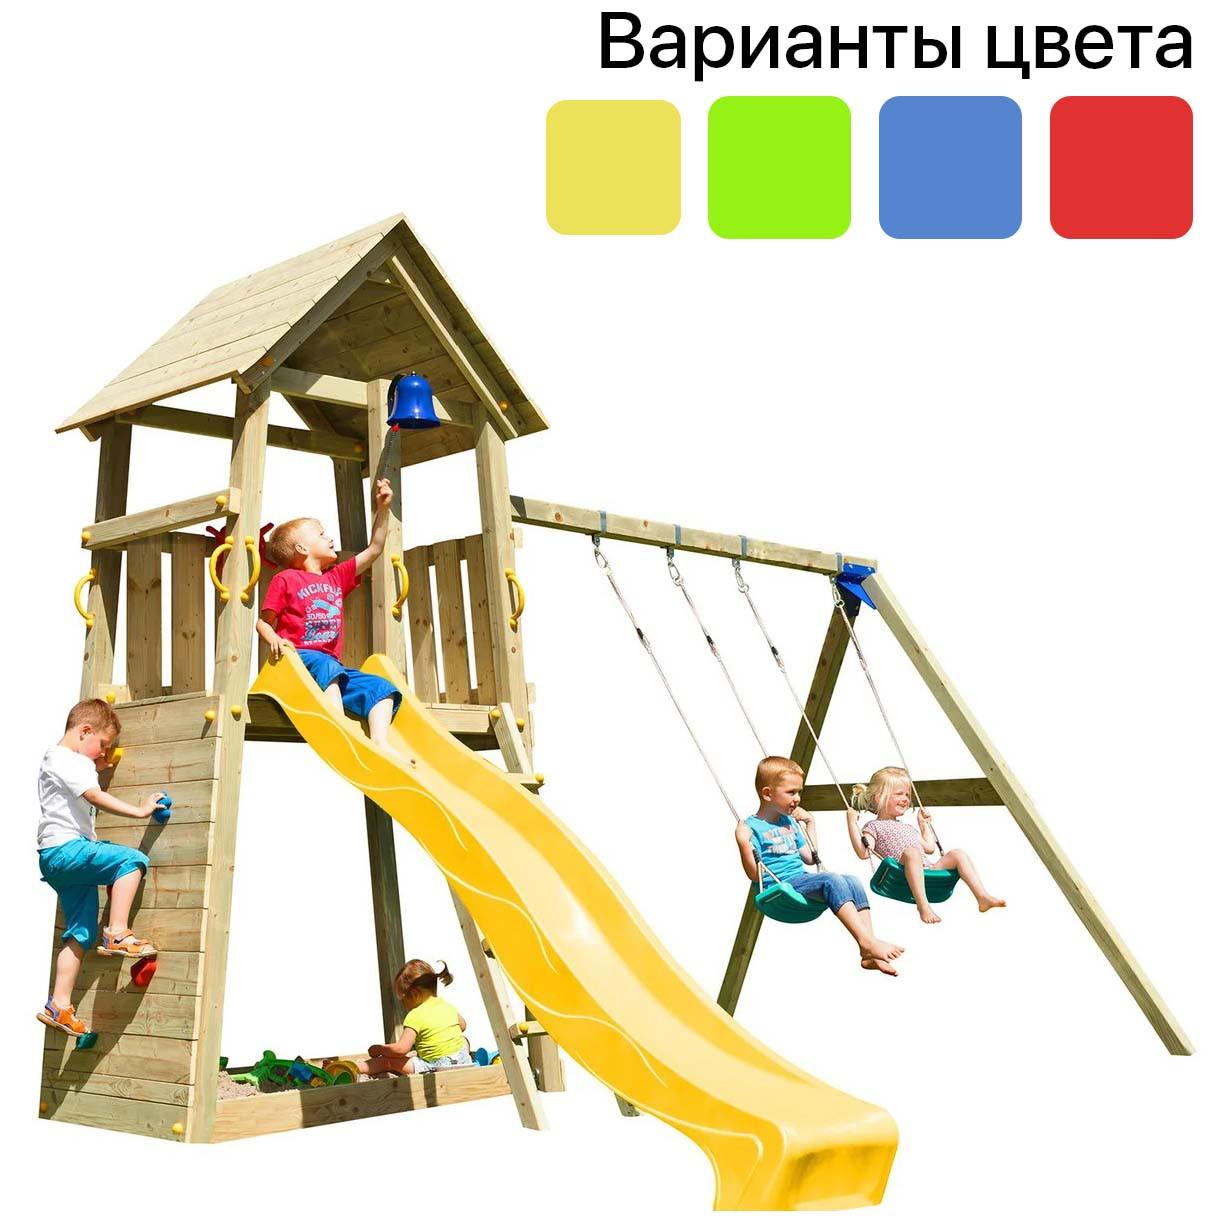 Детская игровая площадка KBT Blue Rabbit BELVEDERE + качели SWING (дитячий ігровий майданчик + гойдалка)